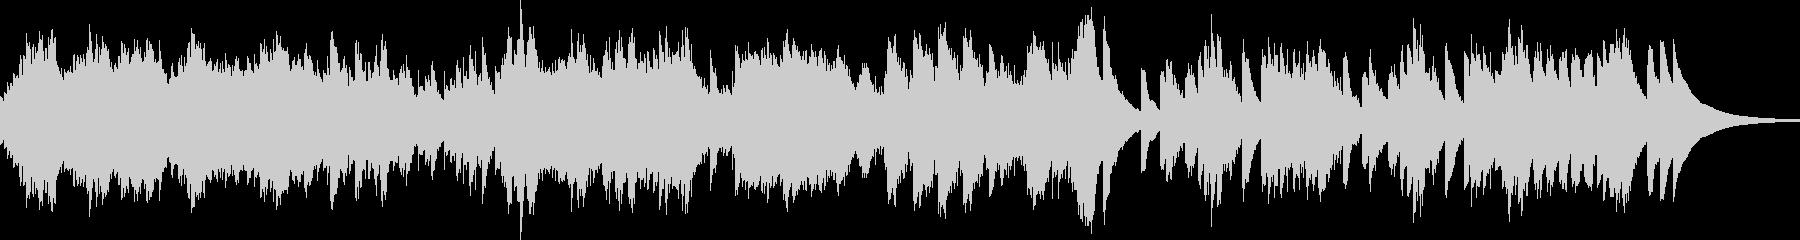 交響曲第40番よりモーツアルトの未再生の波形